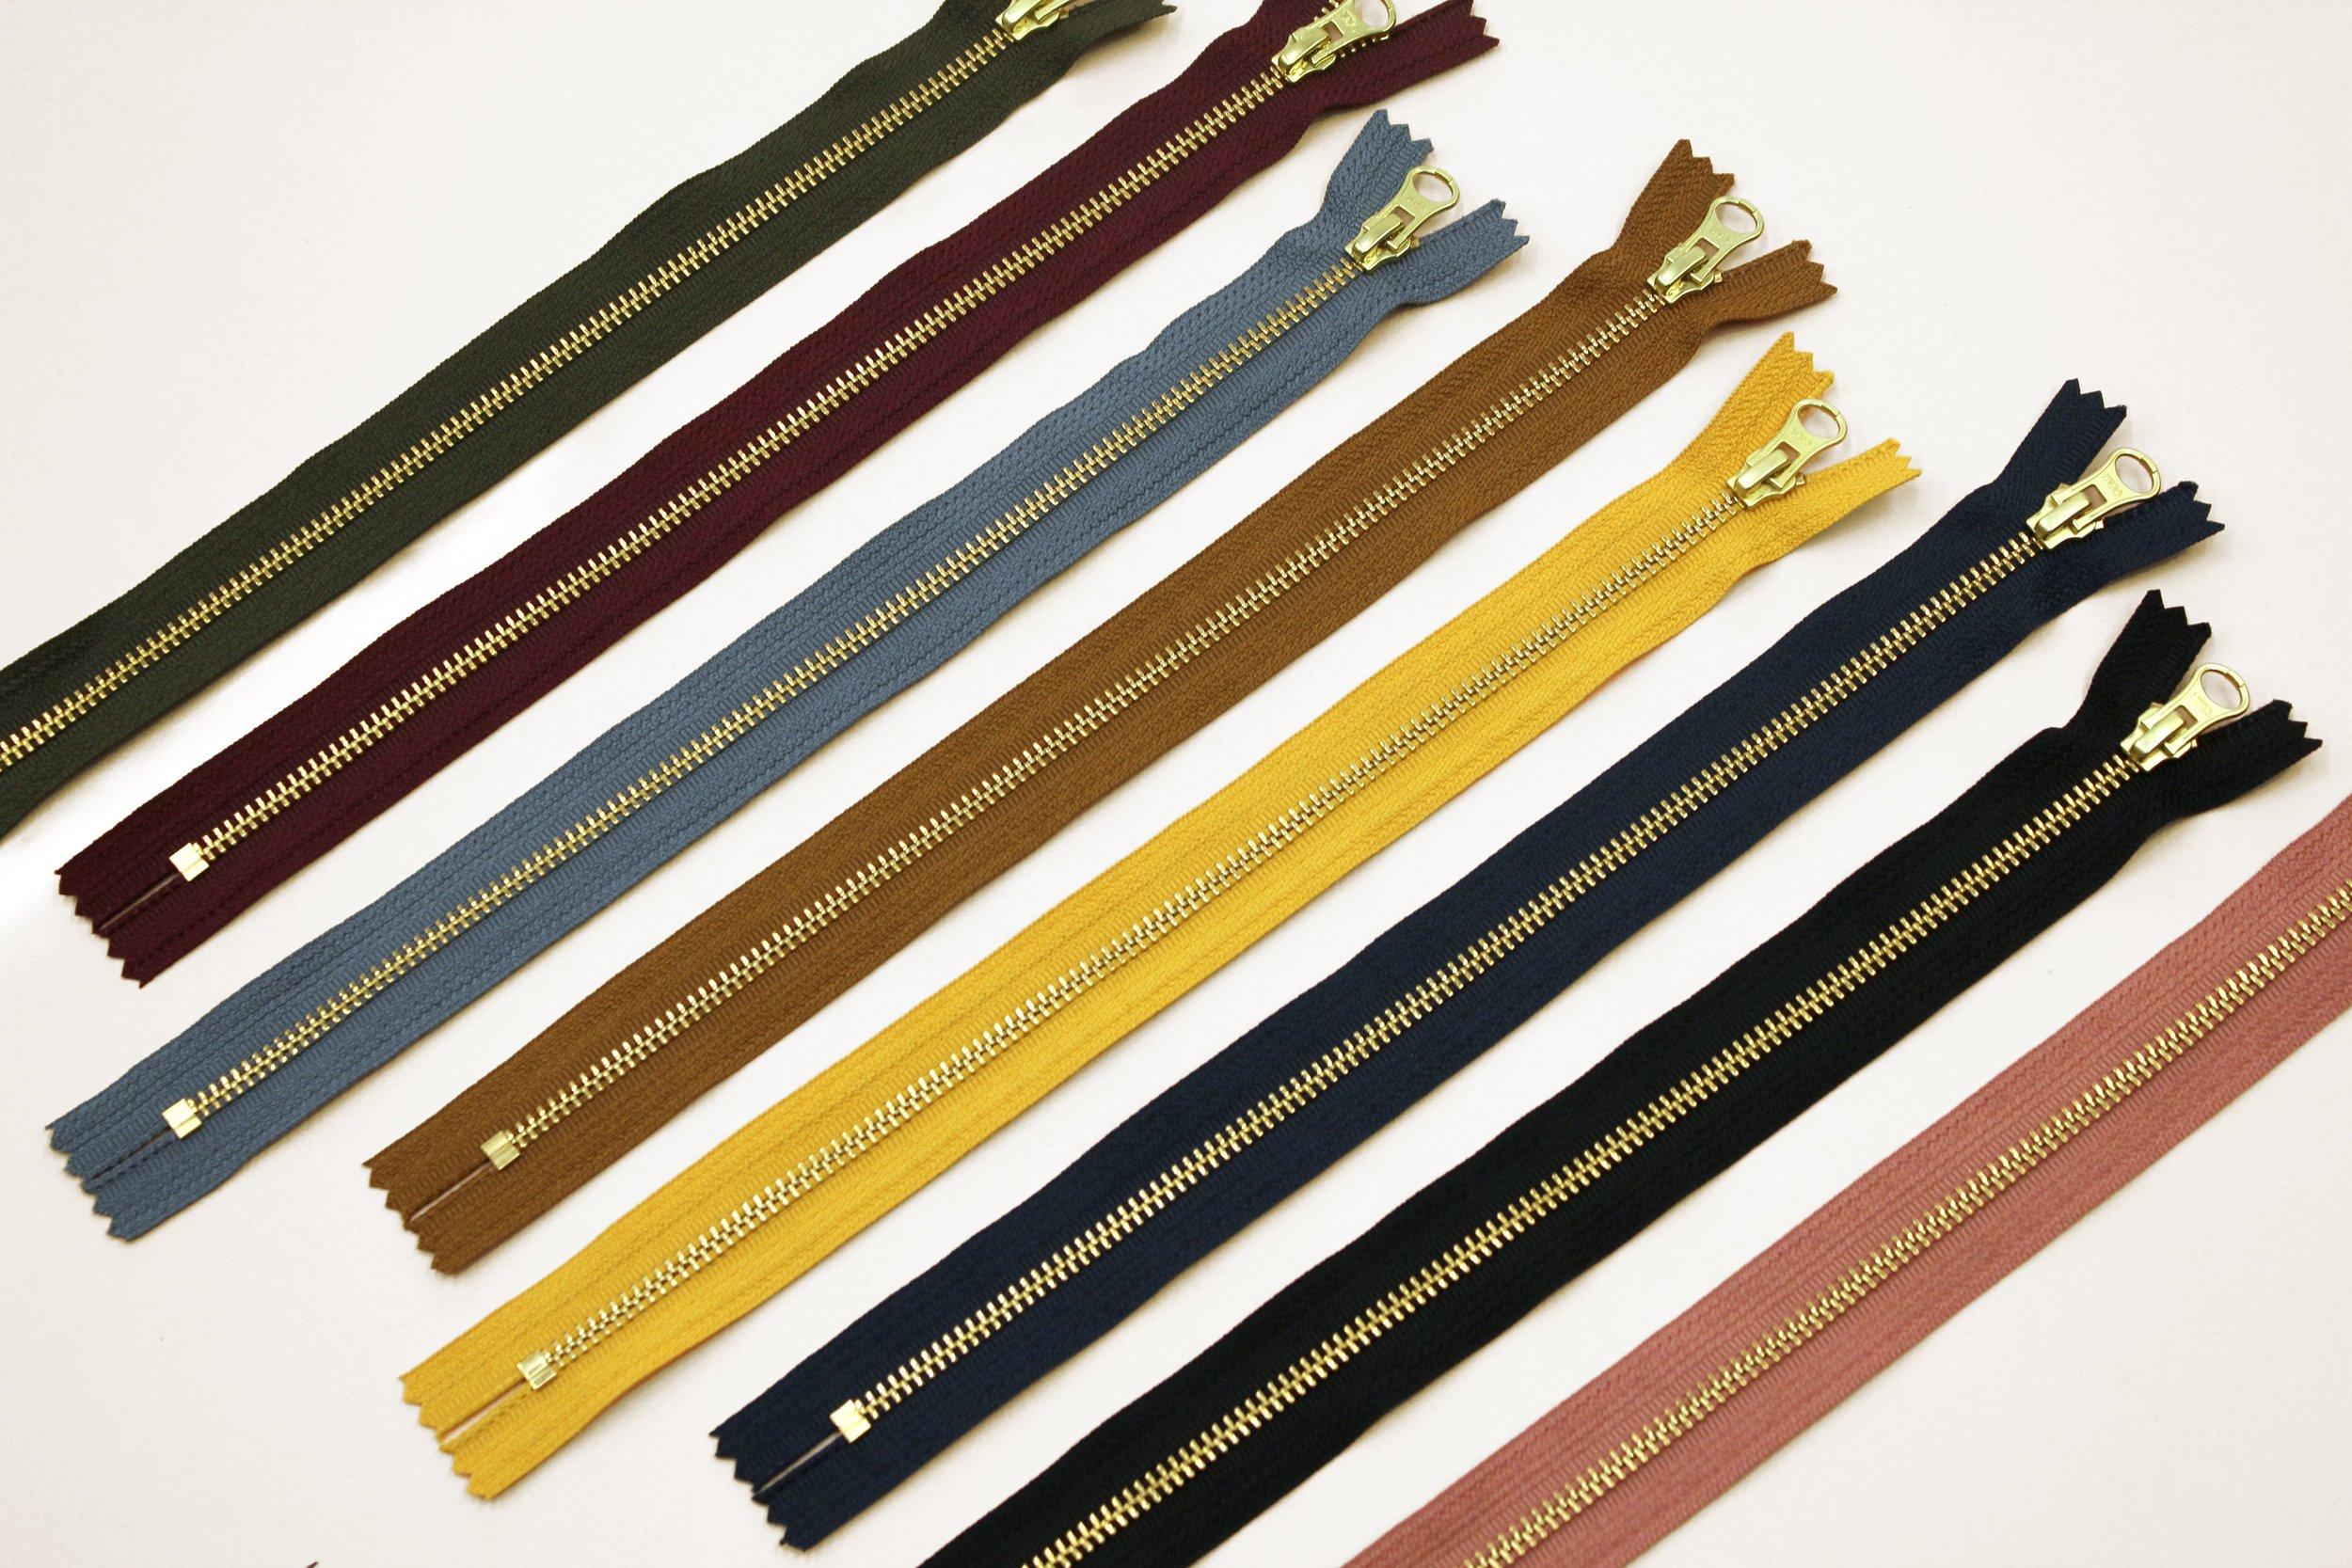 Zippers 2-min.jpg